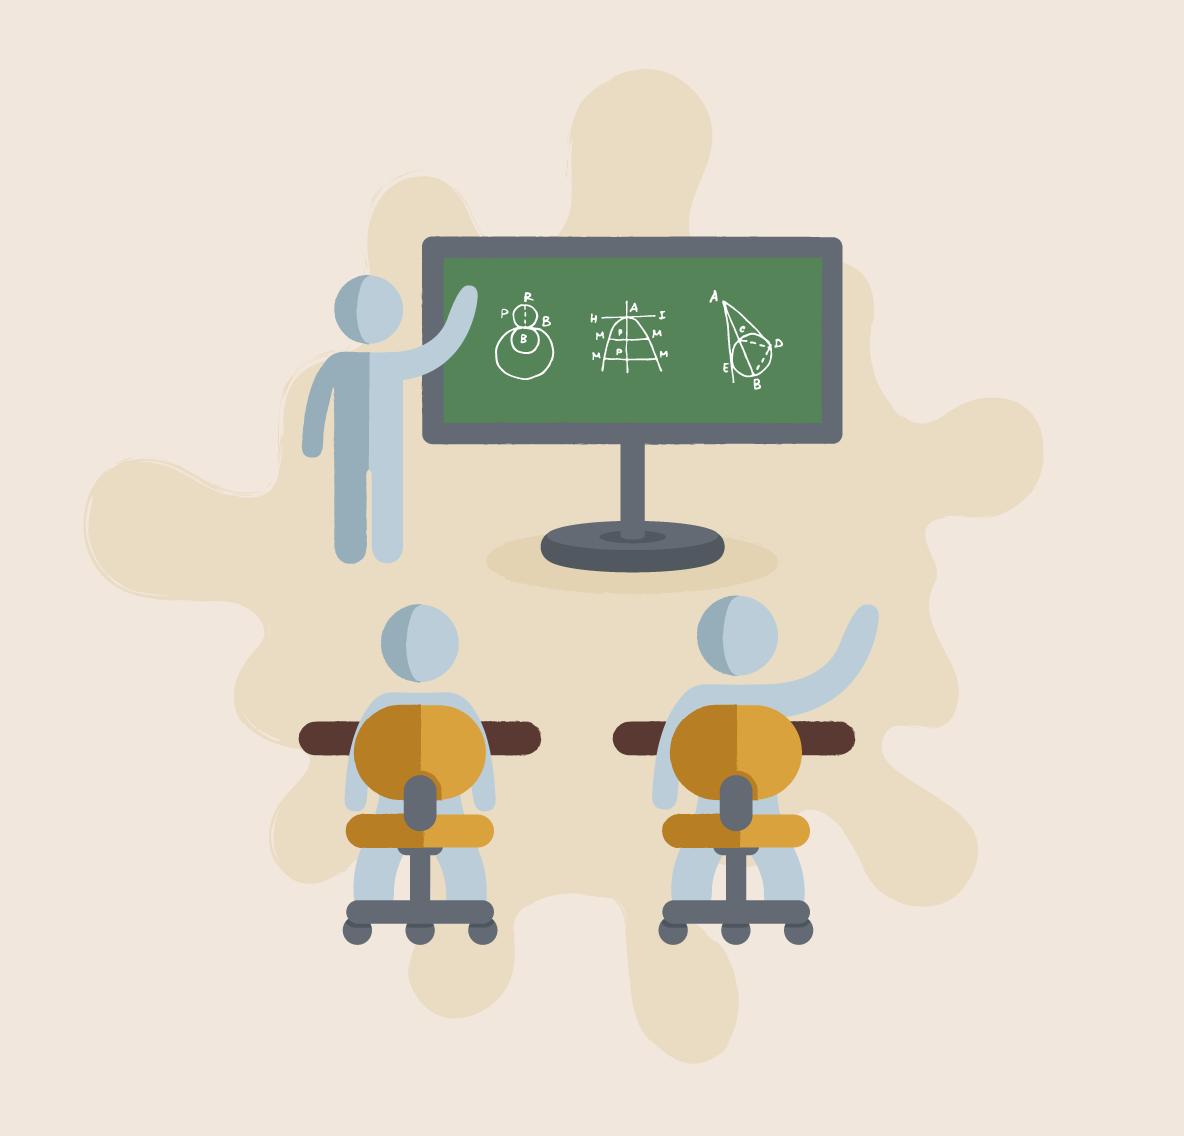 teamfluent-blogpost-illustration-12